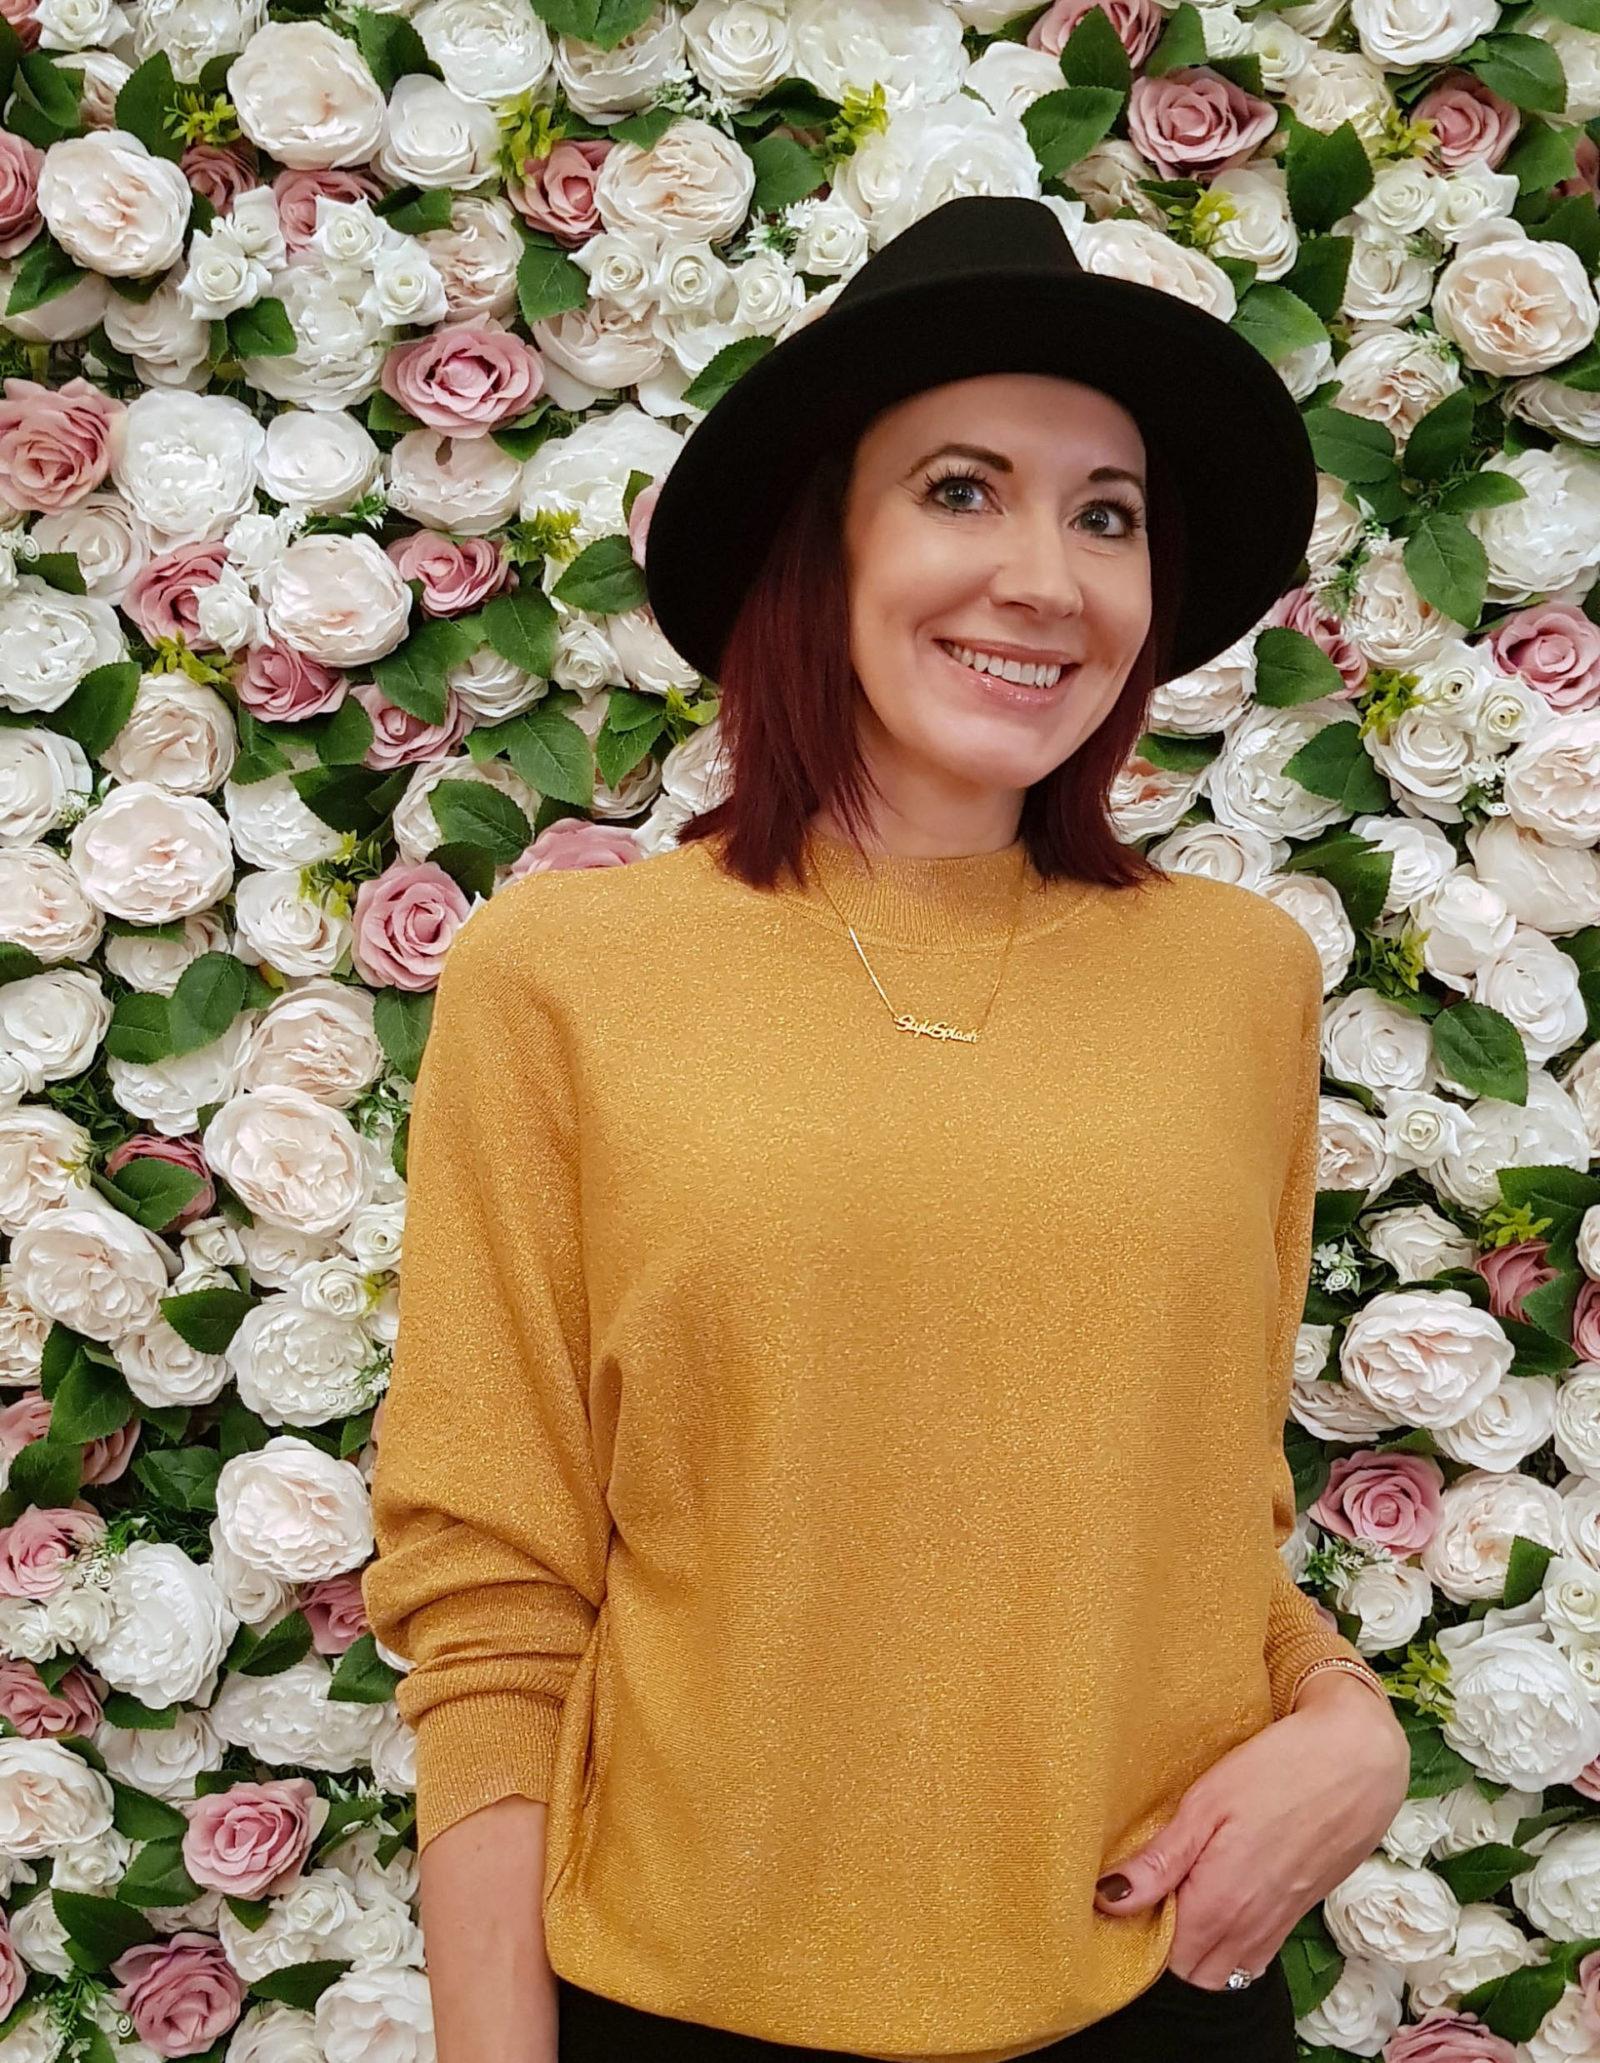 Blogosphere Festival 2018, flower wall